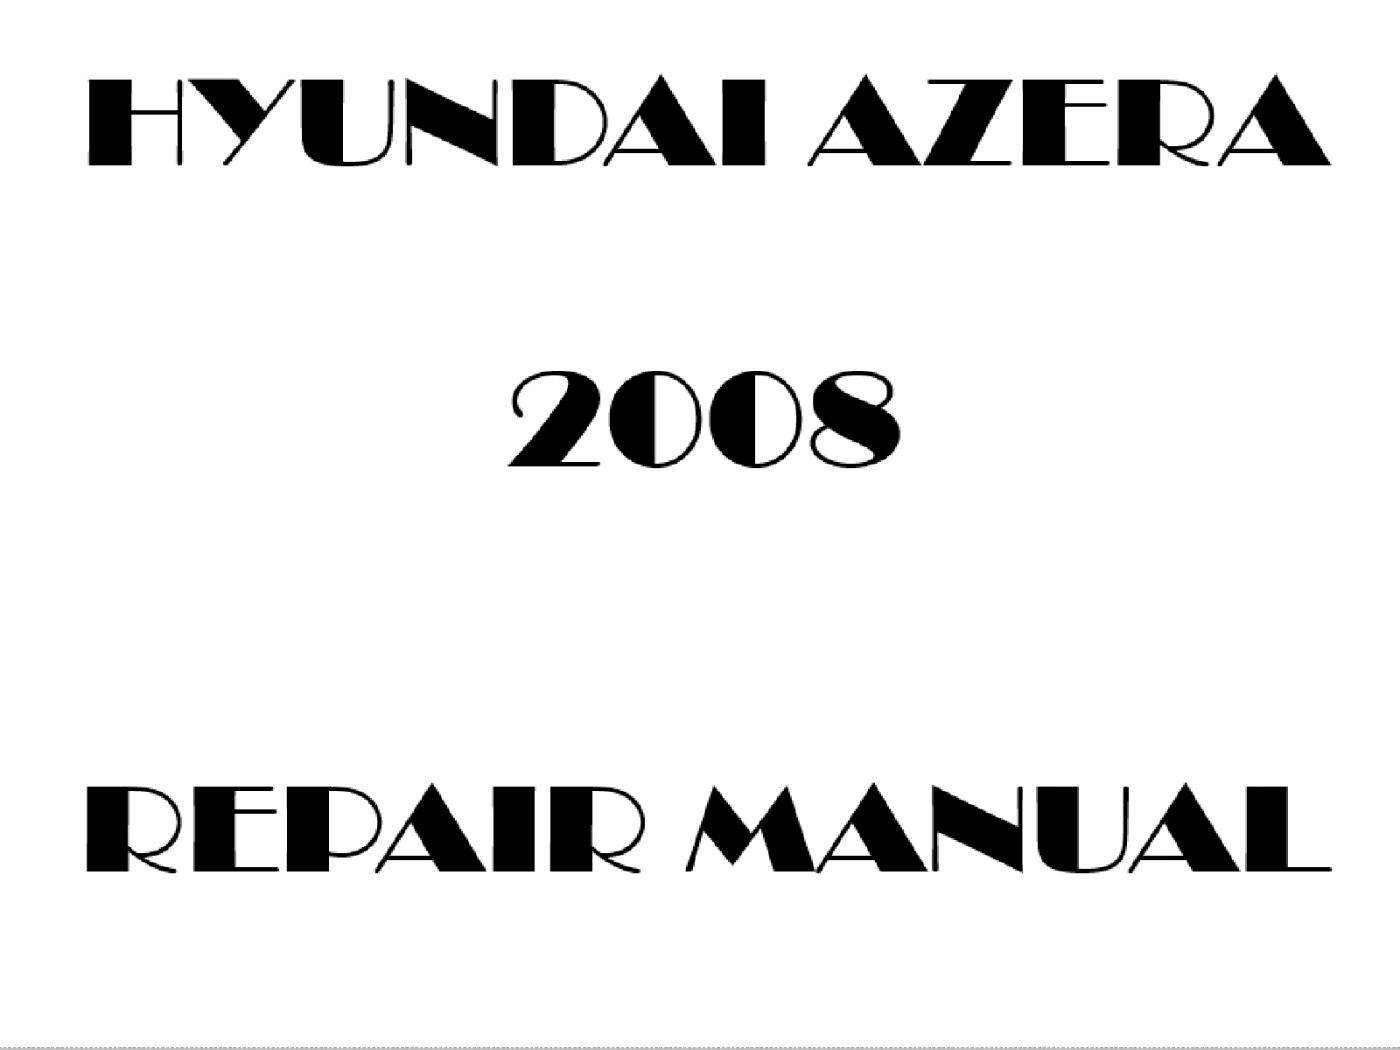 2008 Hyundai Azera repair manual